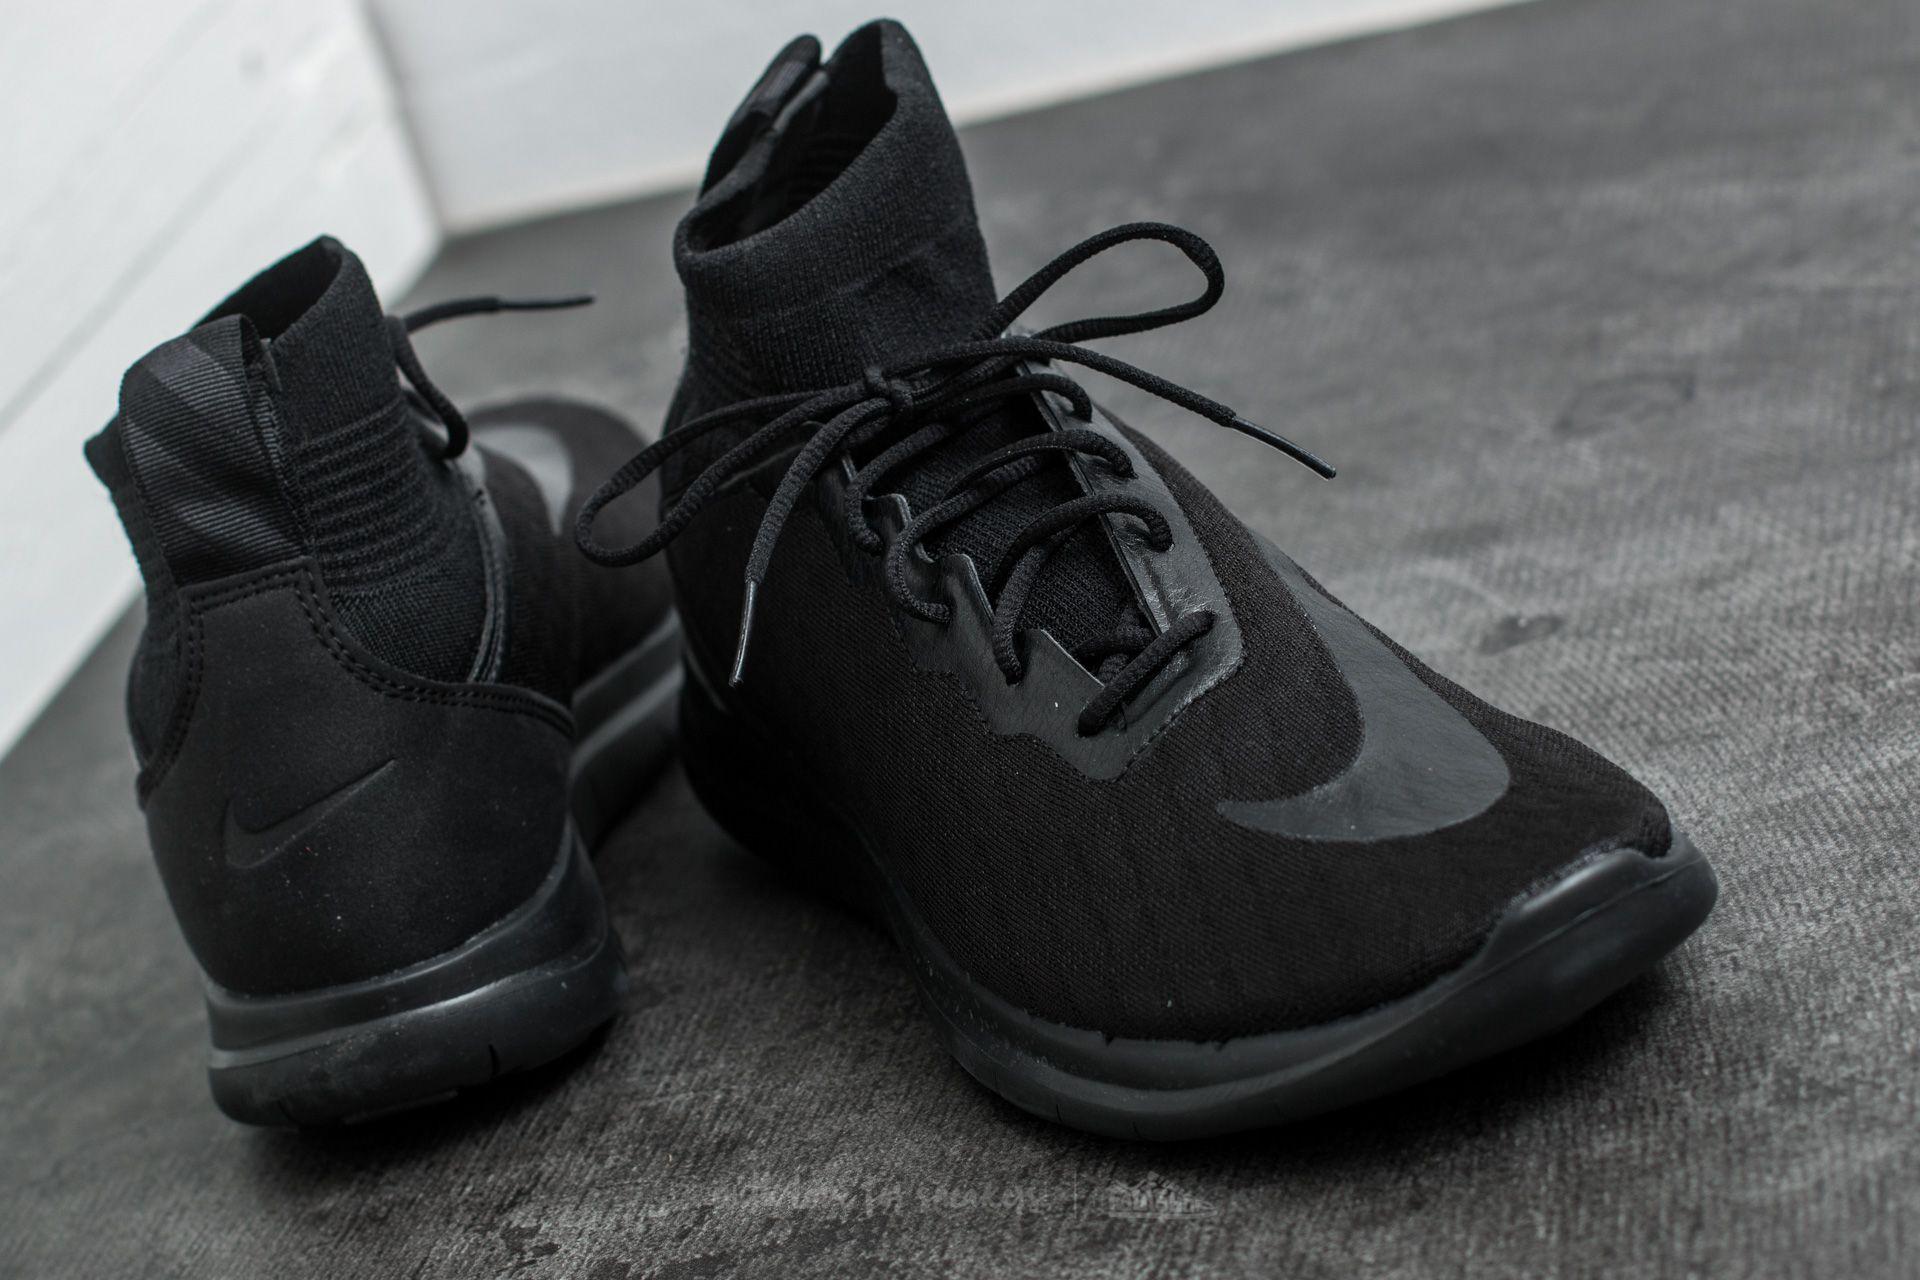 the latest 082b0 7ae81 Nike Free Hypervenom 3 Flyknit Black/ Black-Anthracite ...